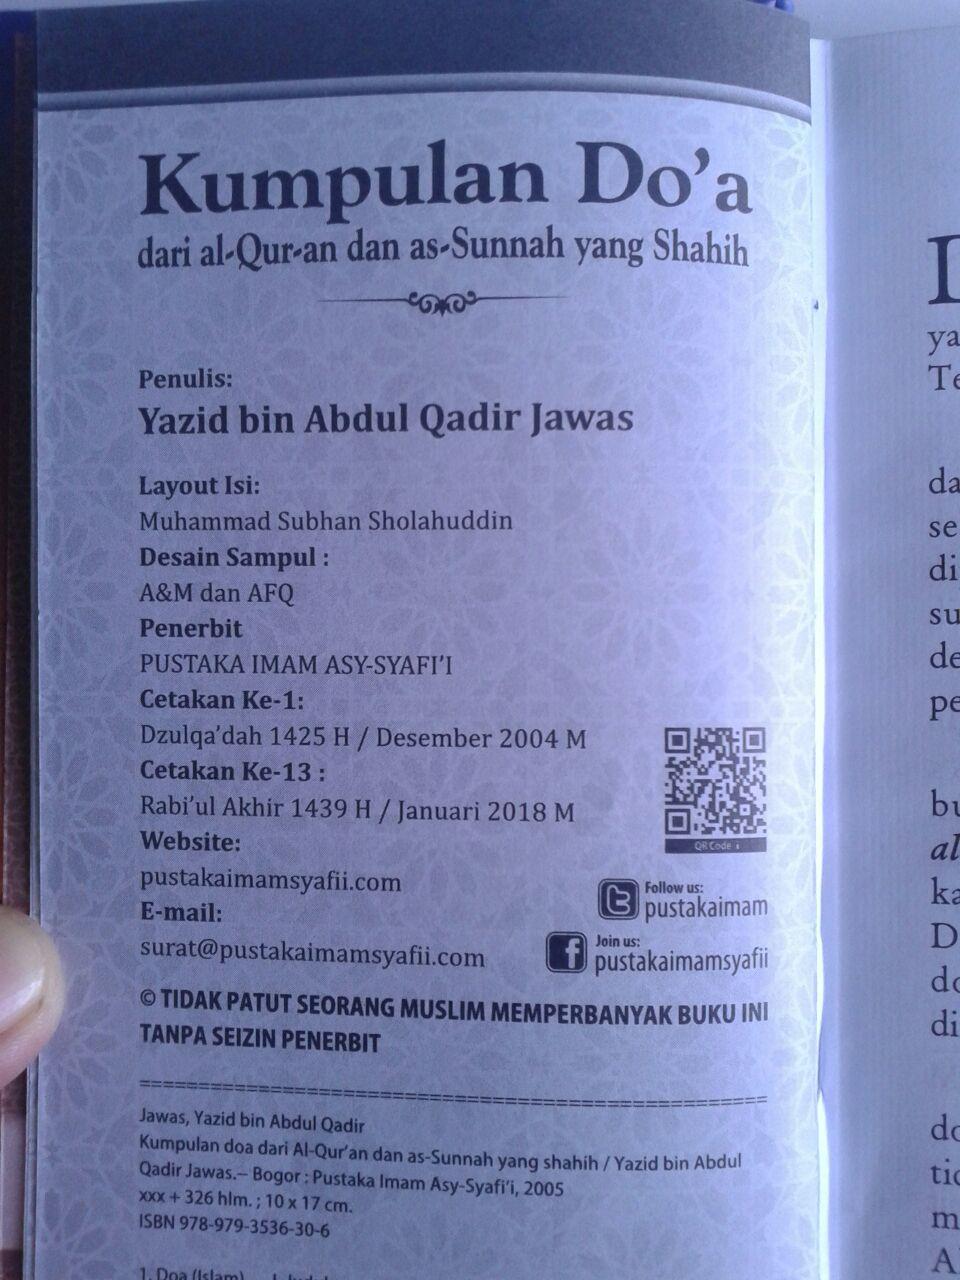 Buku Kumpulan Doa Dari Al-Quran dan As-Sunnah Yang Shahih isi